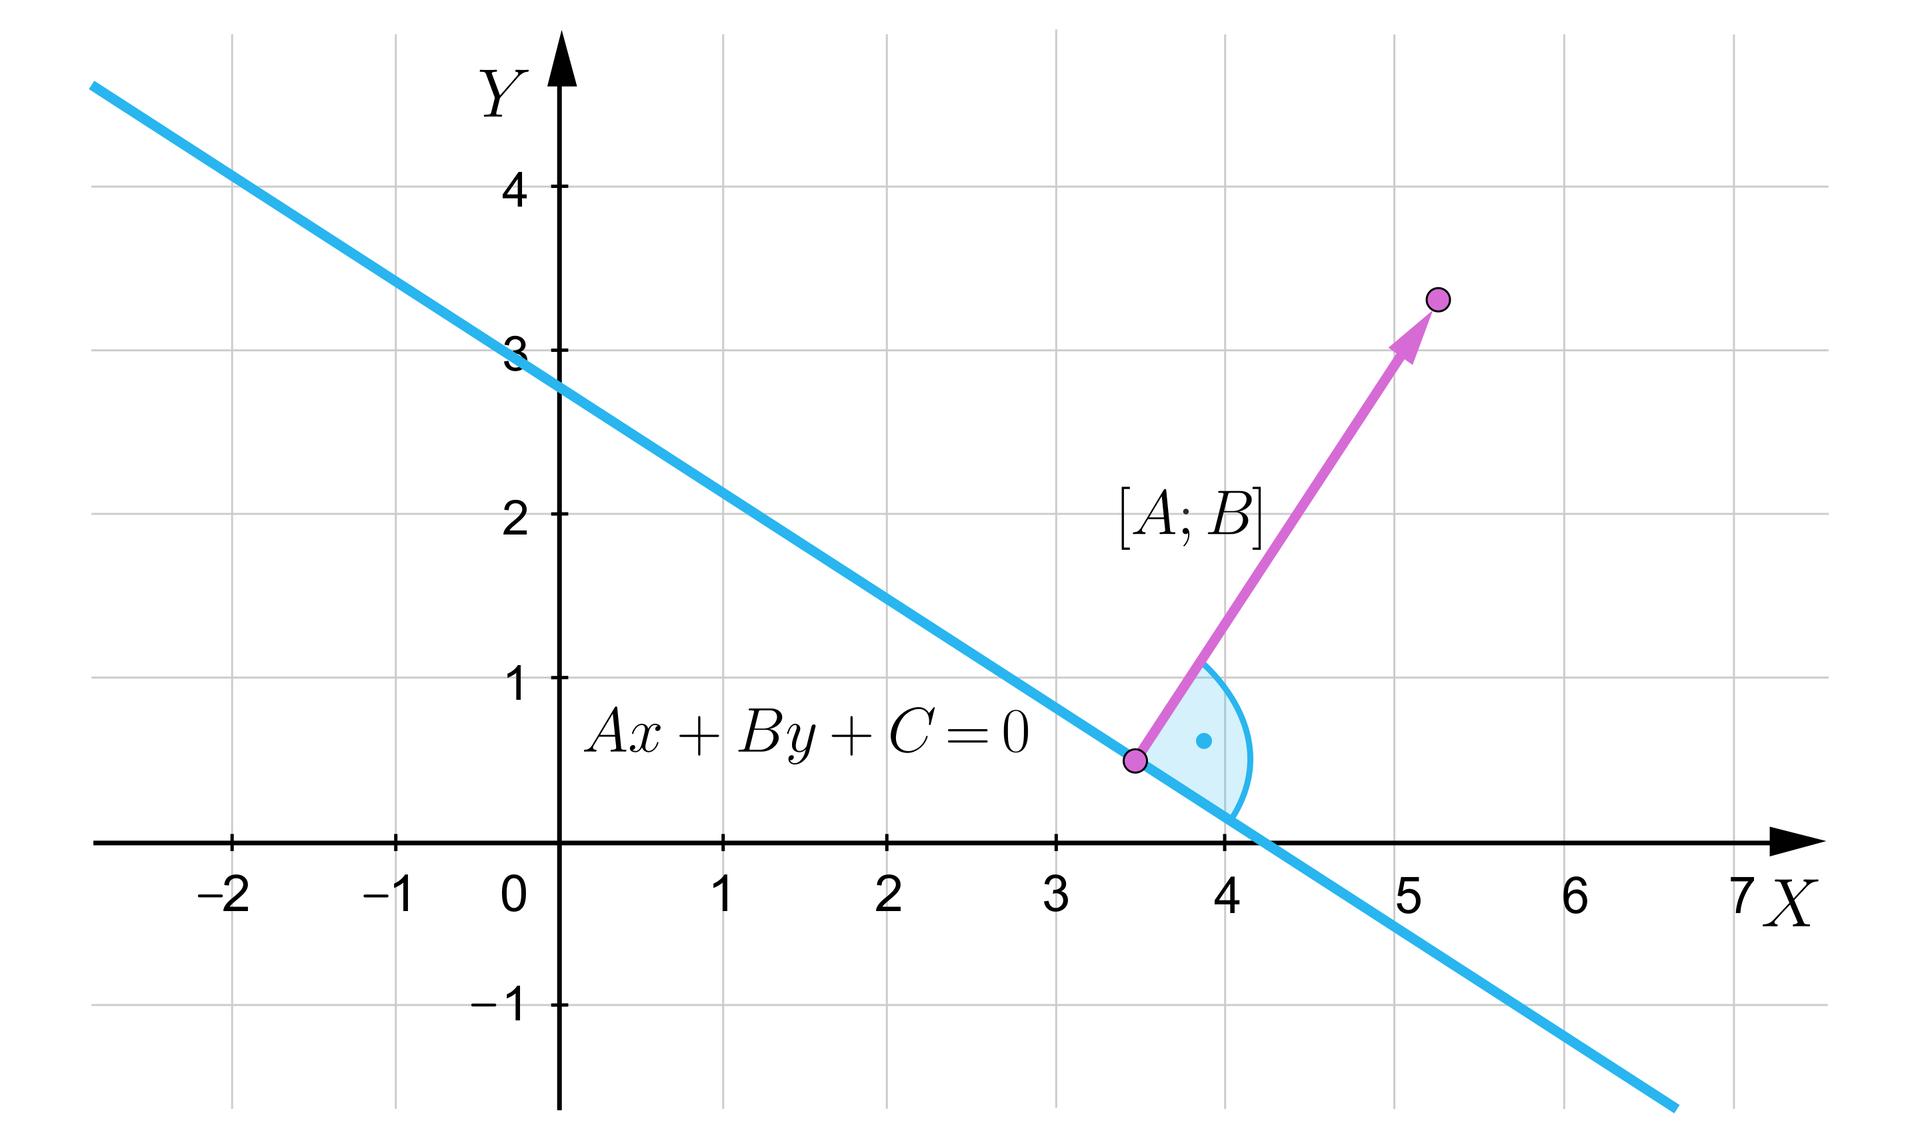 Ilustracja przedstawia układ współrzędnych iks igrek. Przez puntky iks równa się cztery ijedna trzecia oraz igrek równa się dwa itrzy czwarte, biegnie prosta opisana jako aiks dodać be iks dodać ce równa się zero. Na prostej wmiejscu owspółrzędnych trzy ipół ipół oznaczono punkt od którego poprowadzono odcinek prostopadły do prostej opisany jako abe.